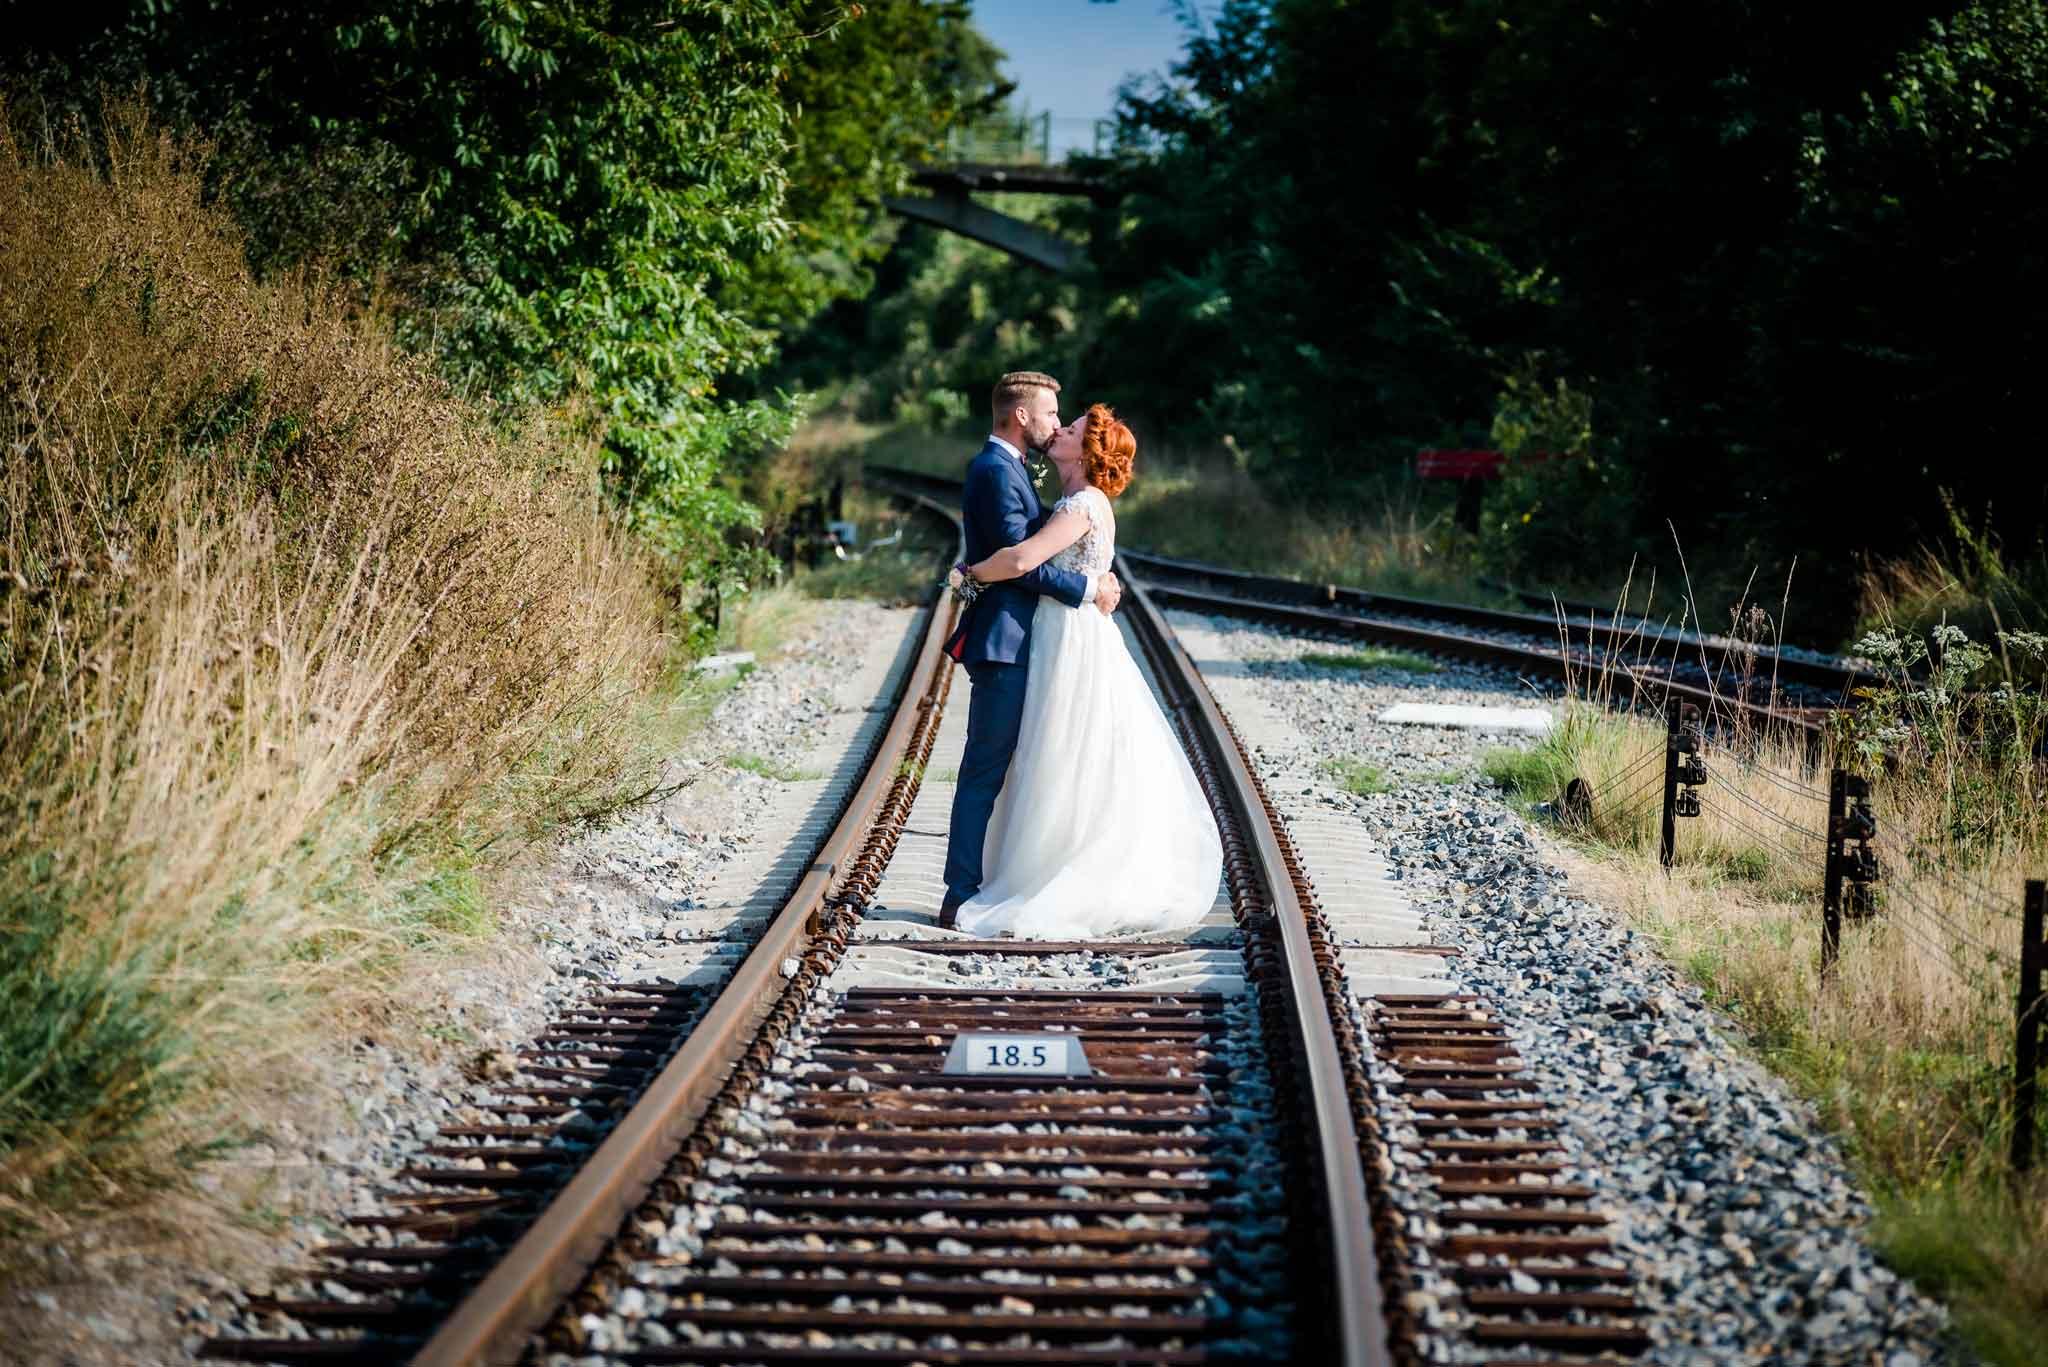 Trouwfoto van Rowan en Naud op het spoor in Wylre Zuid-Limburg